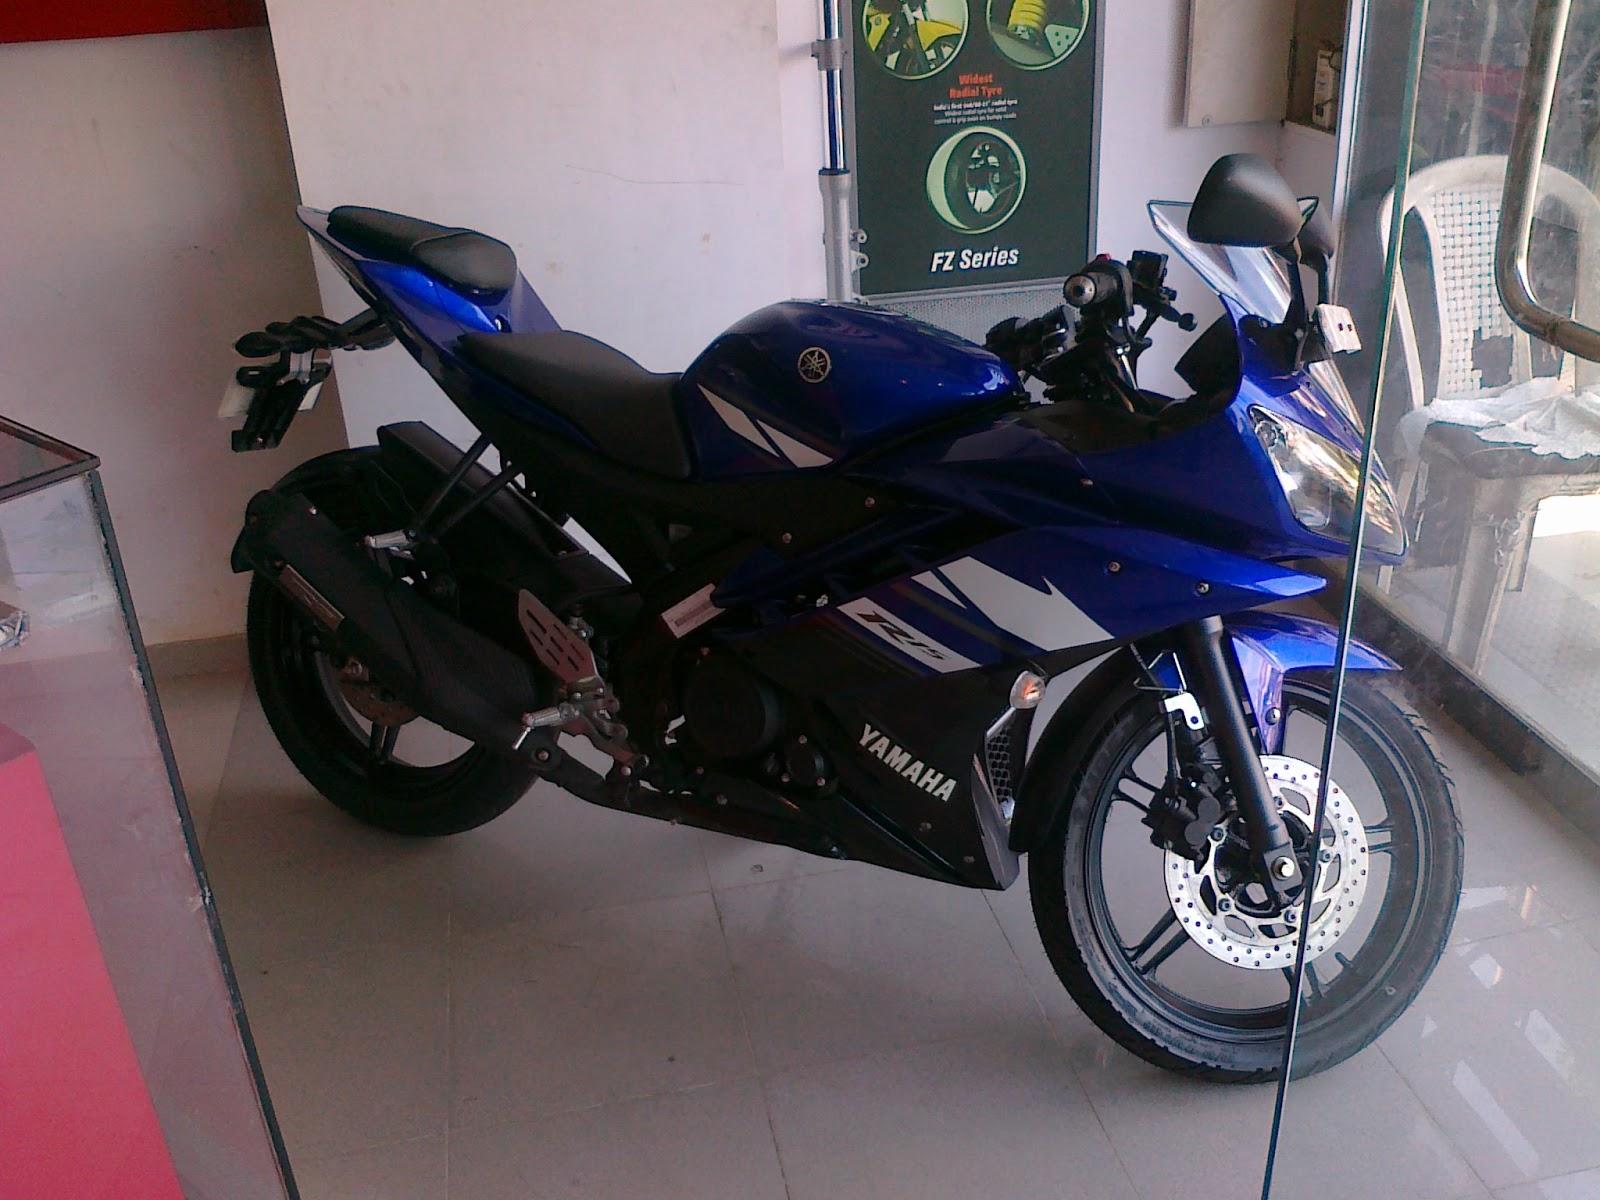 http://1.bp.blogspot.com/--OejBhkr_Tc/TnswRwAEaZI/AAAAAAAABd4/Di-GckWP8ag/s1600/Yamaha+R15+V2.0.jpg